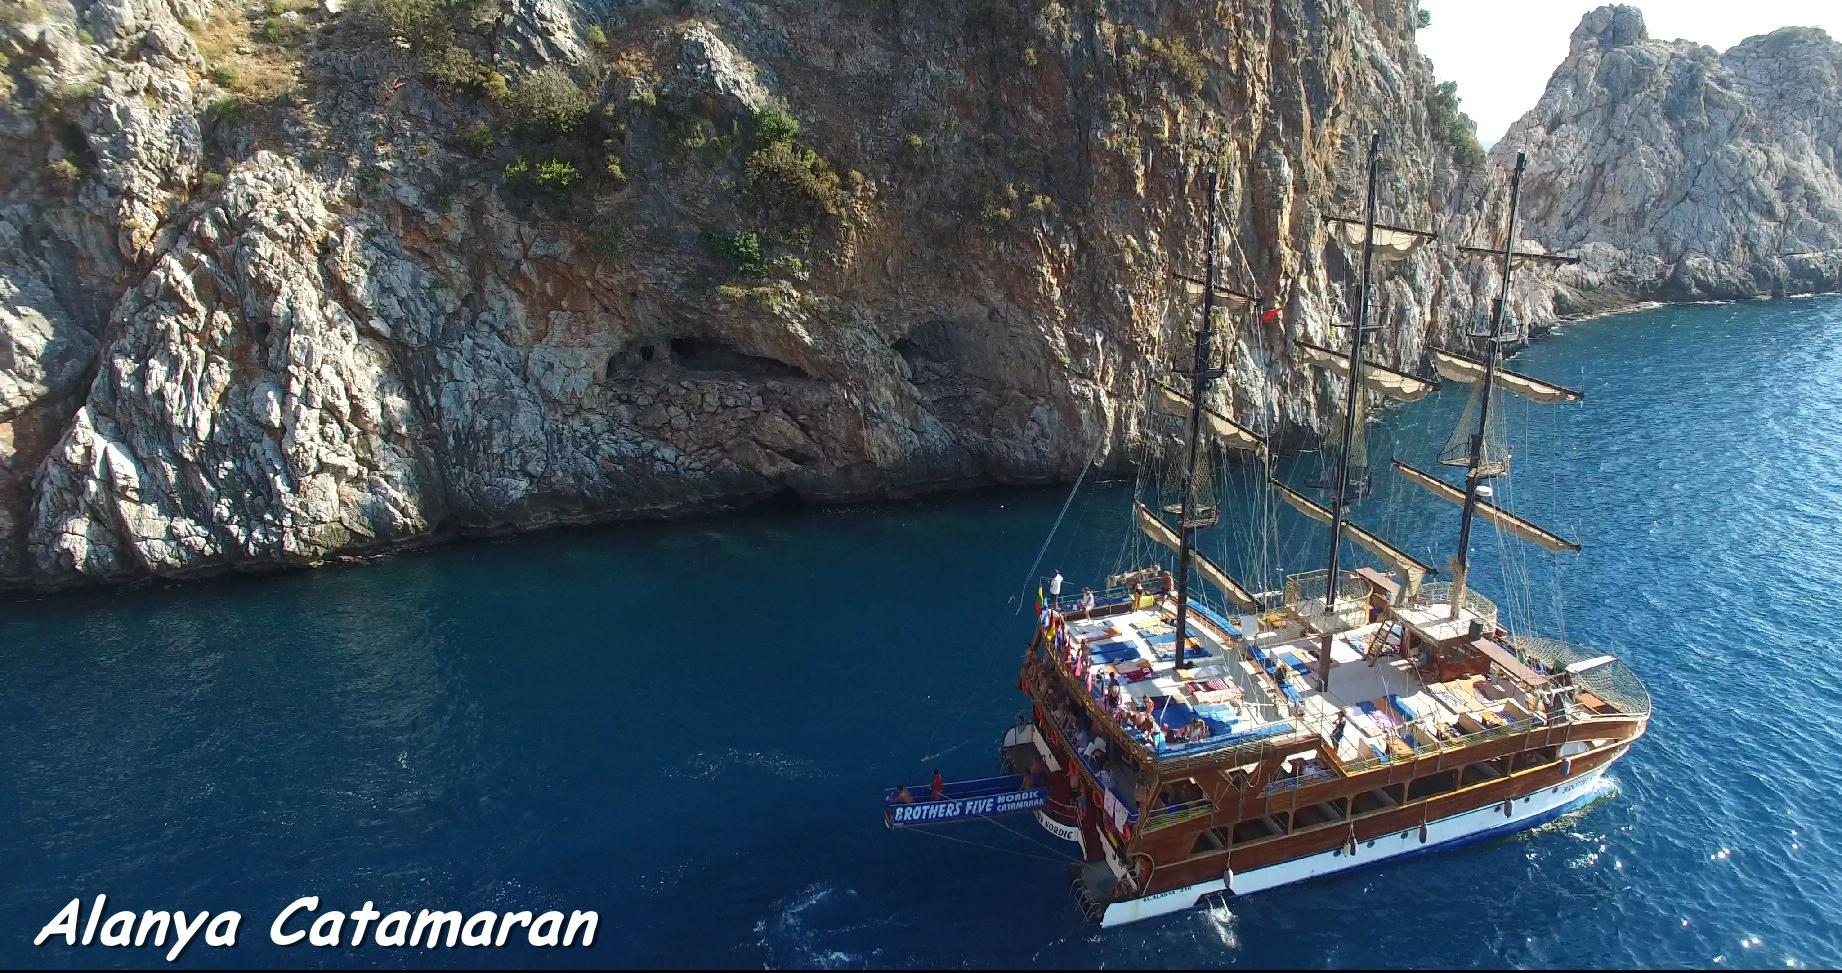 alanya-catamaran-boat-tour